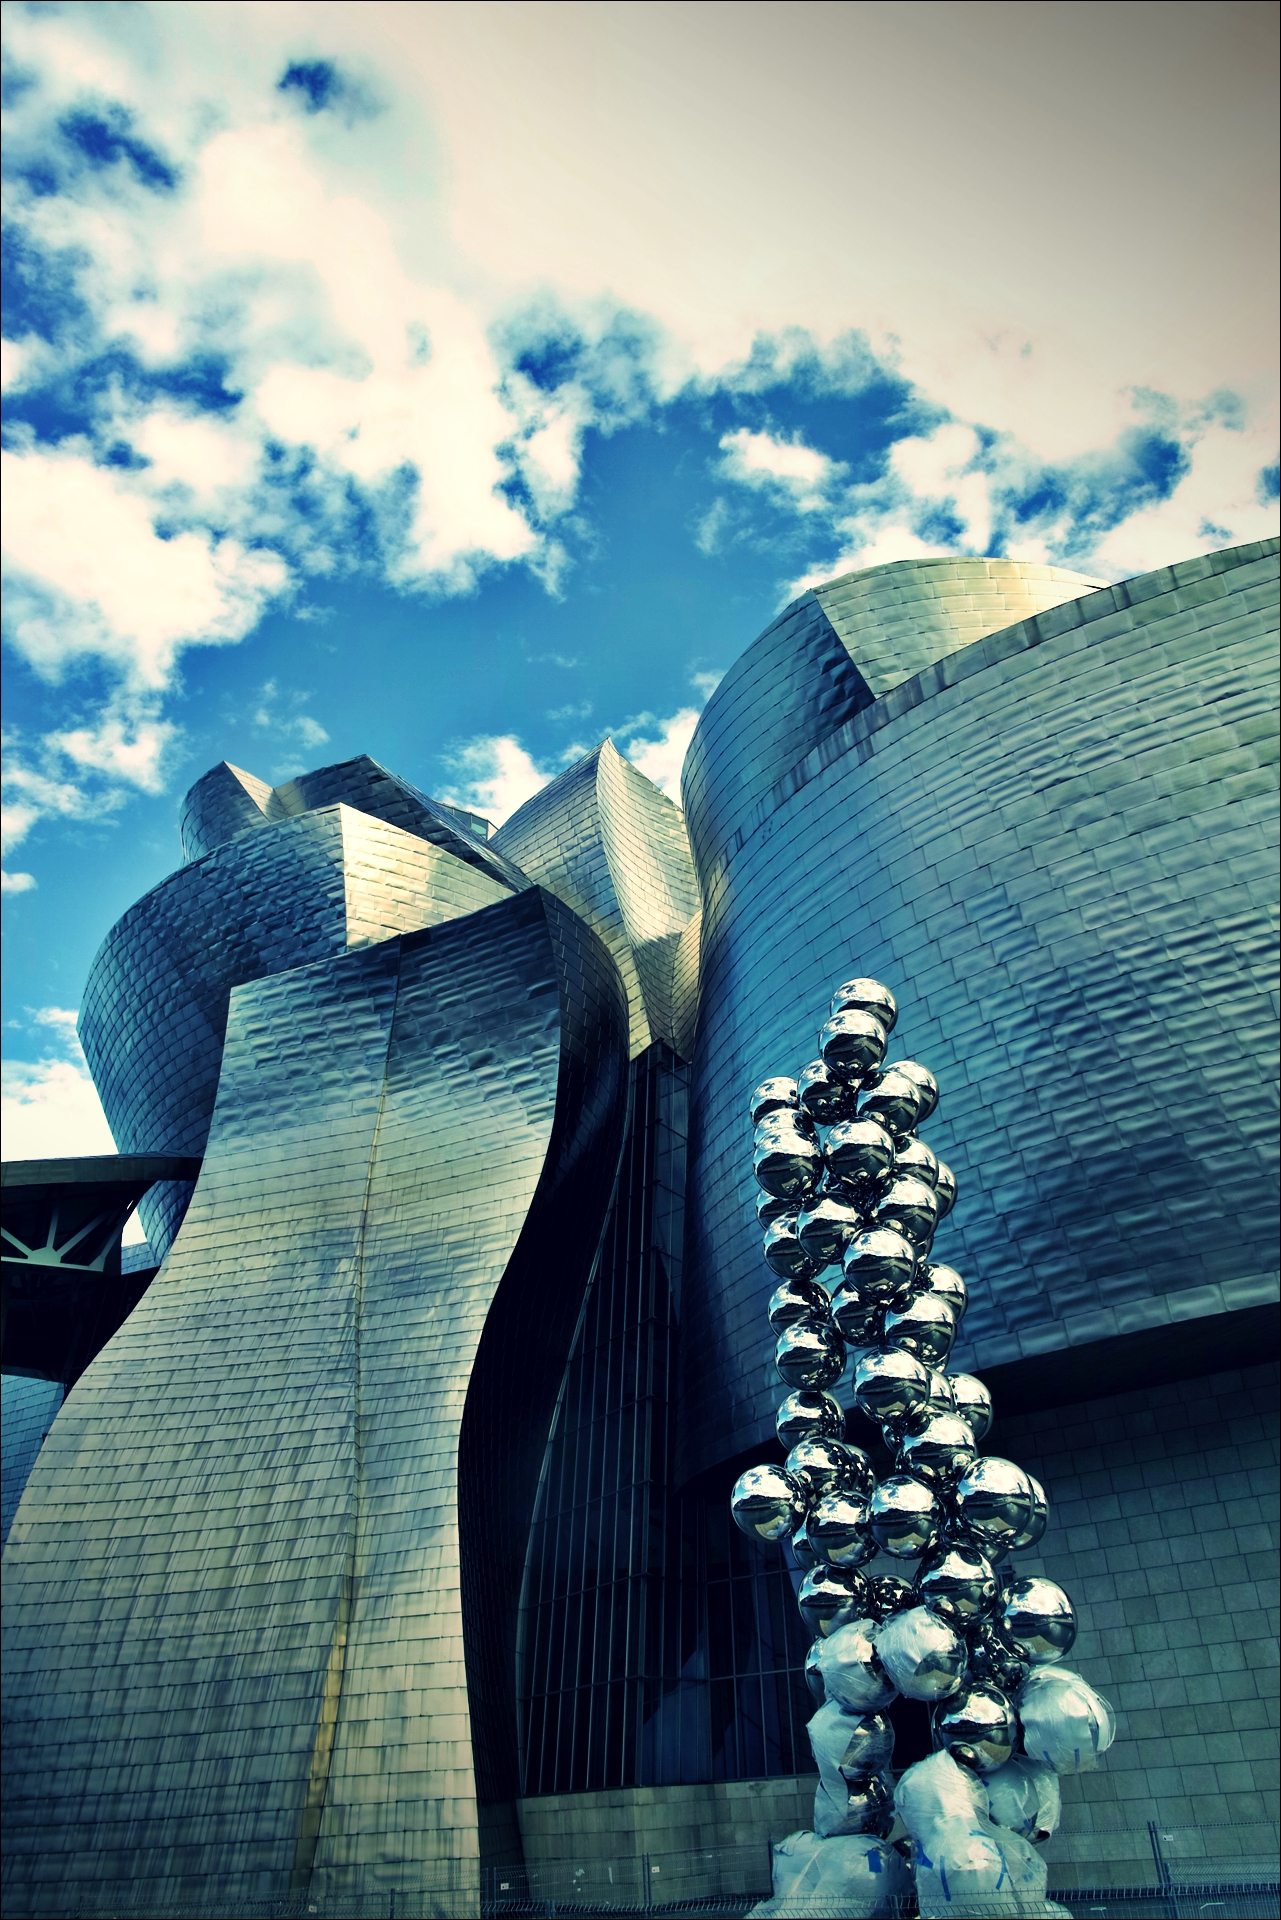 밖-'빌바오 구겐하임 미술관 Guggenheim museum bilbao'